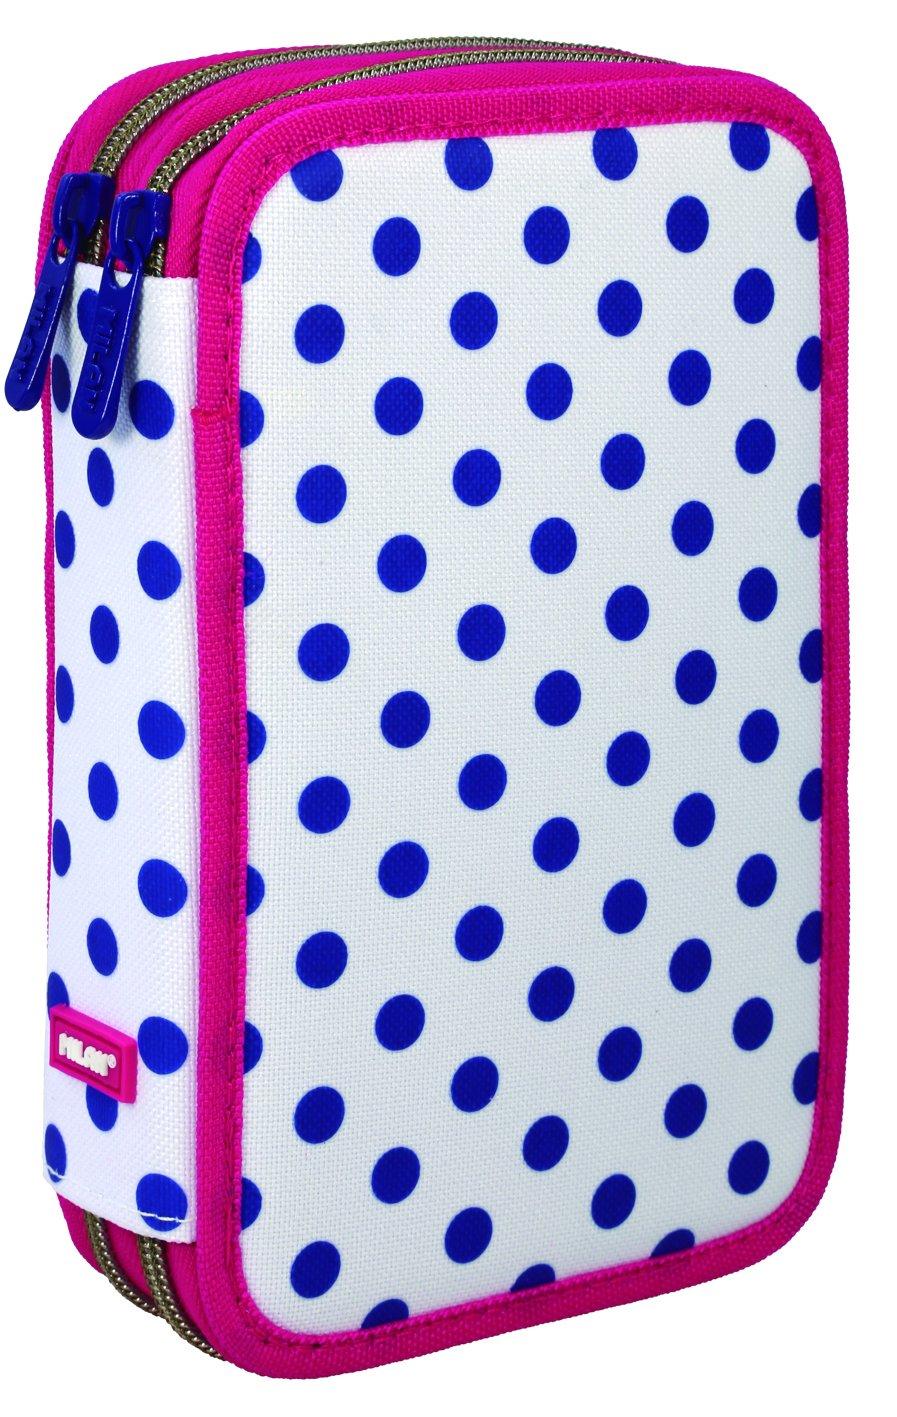 Amazon.com: Milan Dots 3 081264dt3 Cases, 20 cm, Blue/White ...